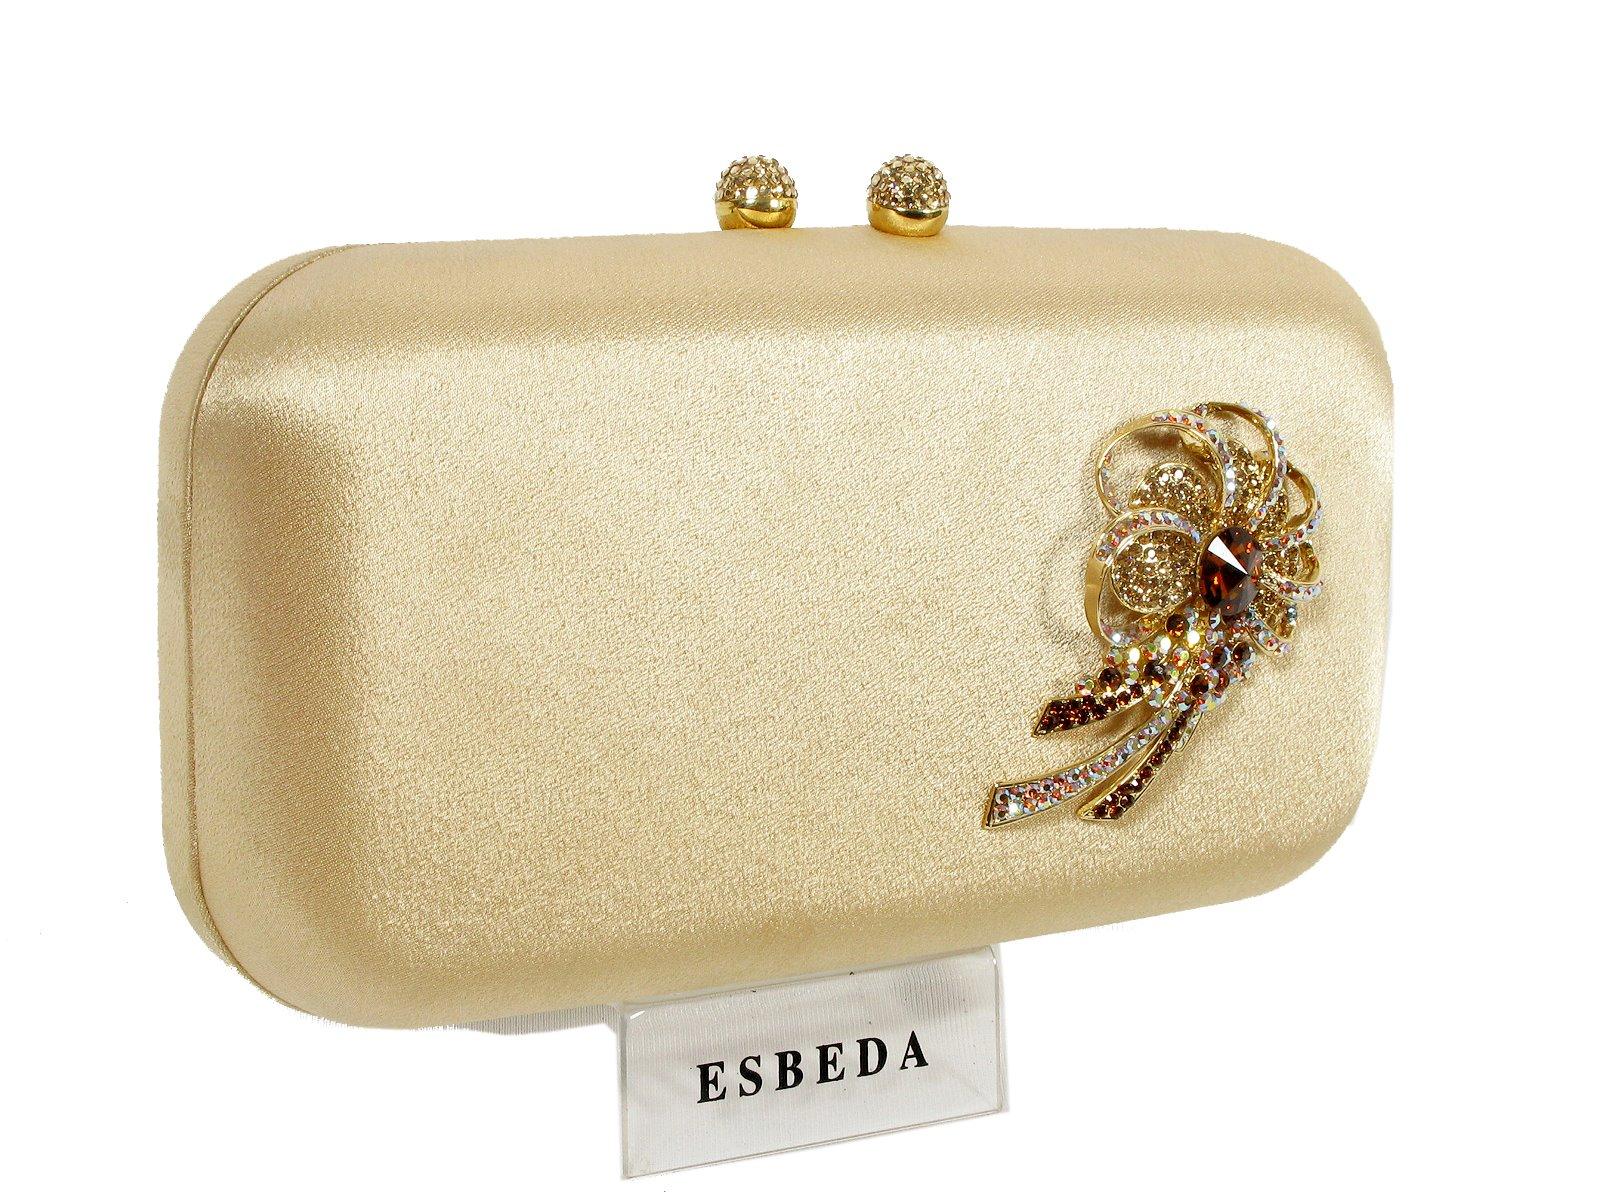 esbeda purse